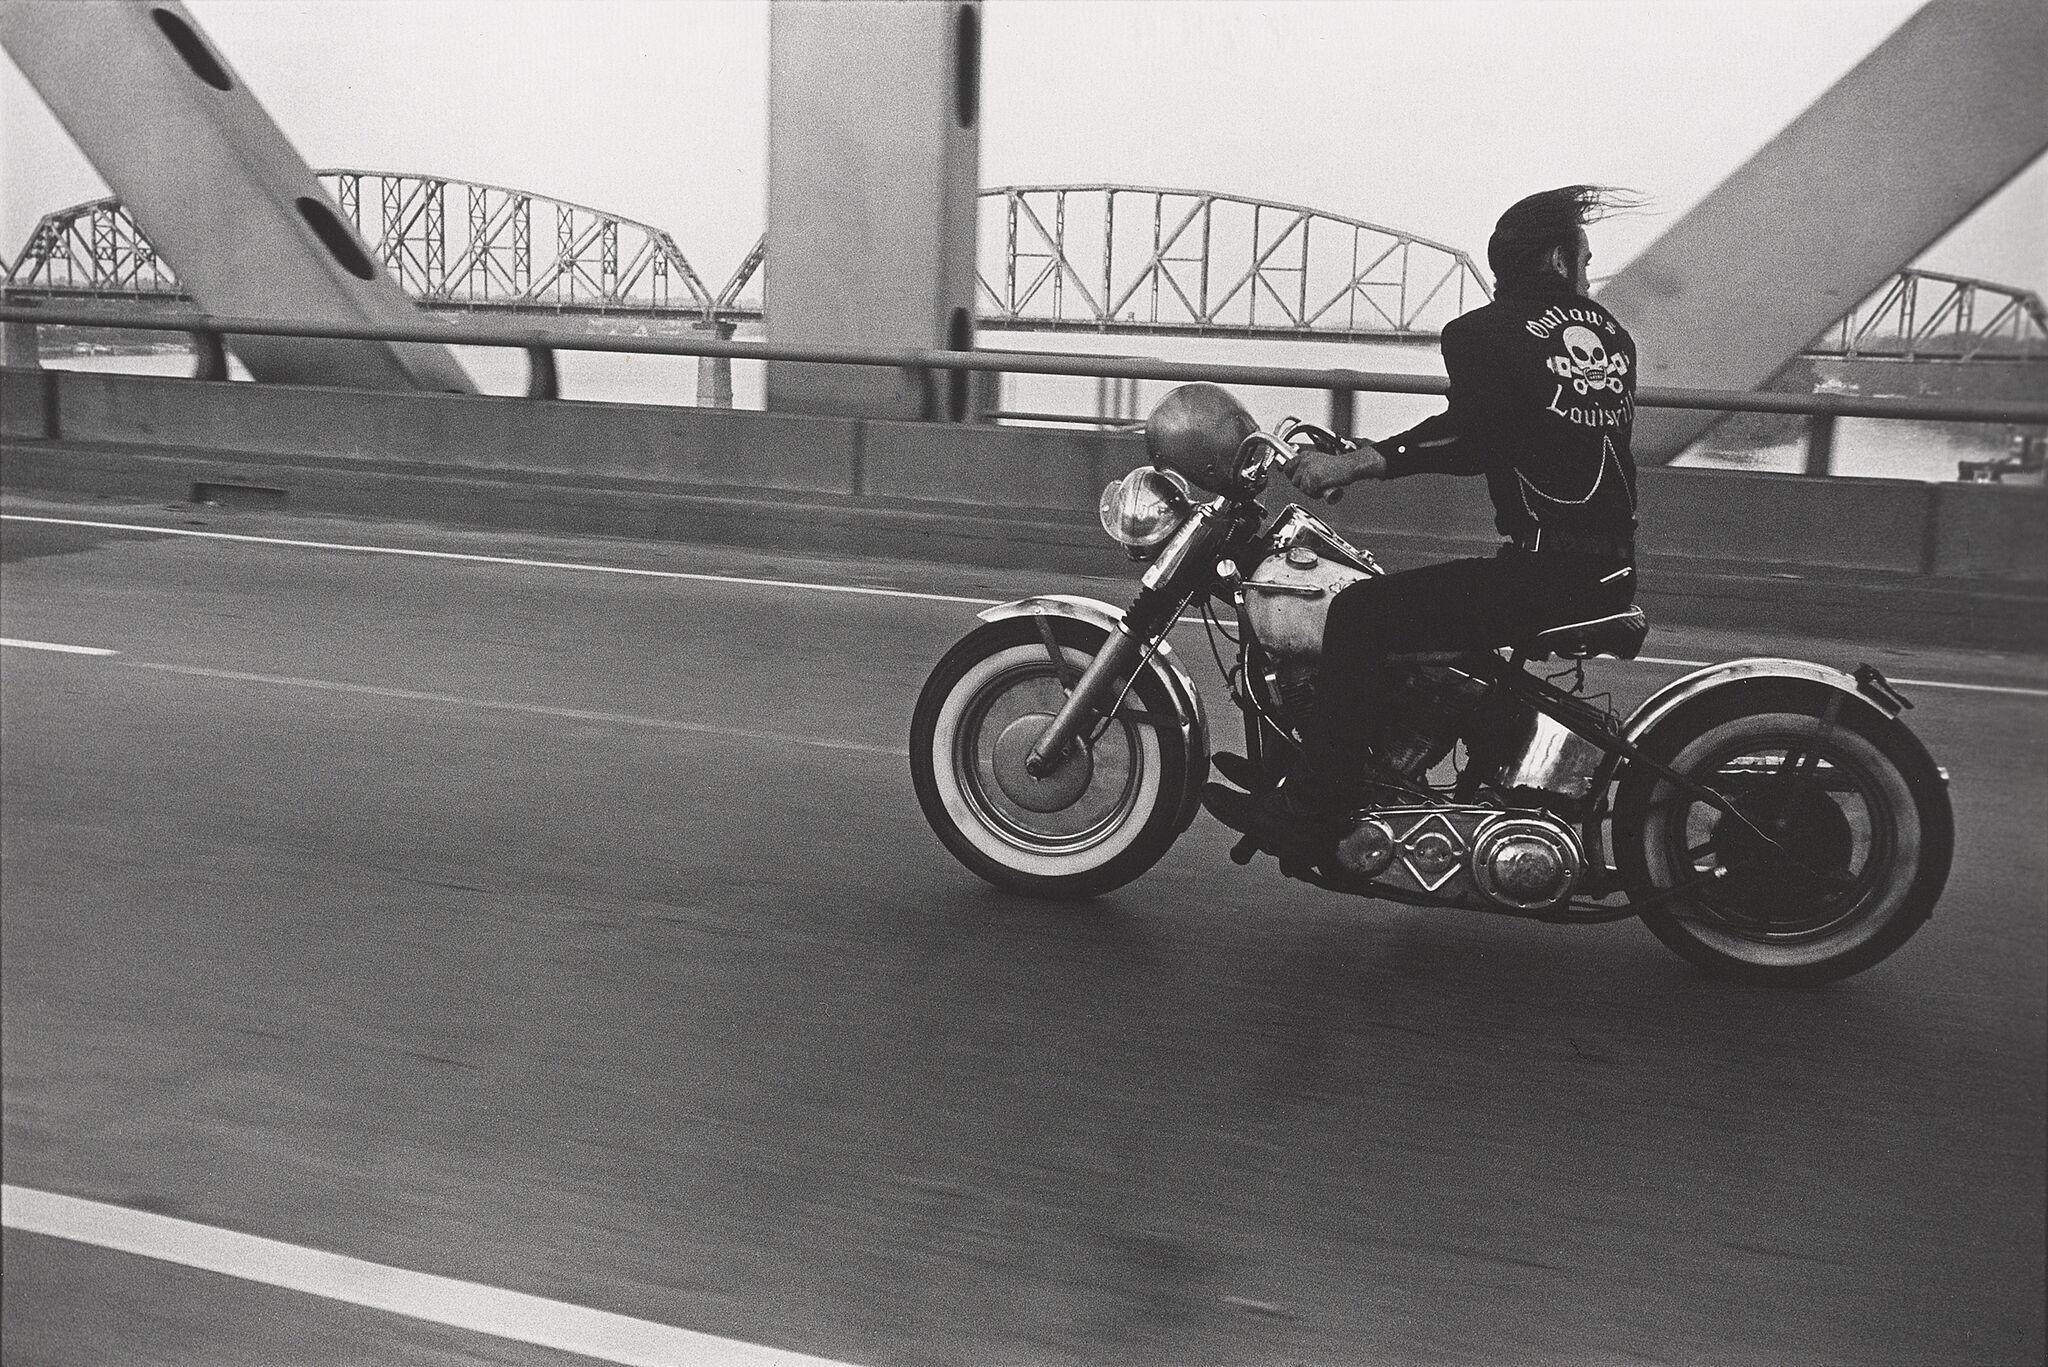 A man rides a motorcycle over a bridge.